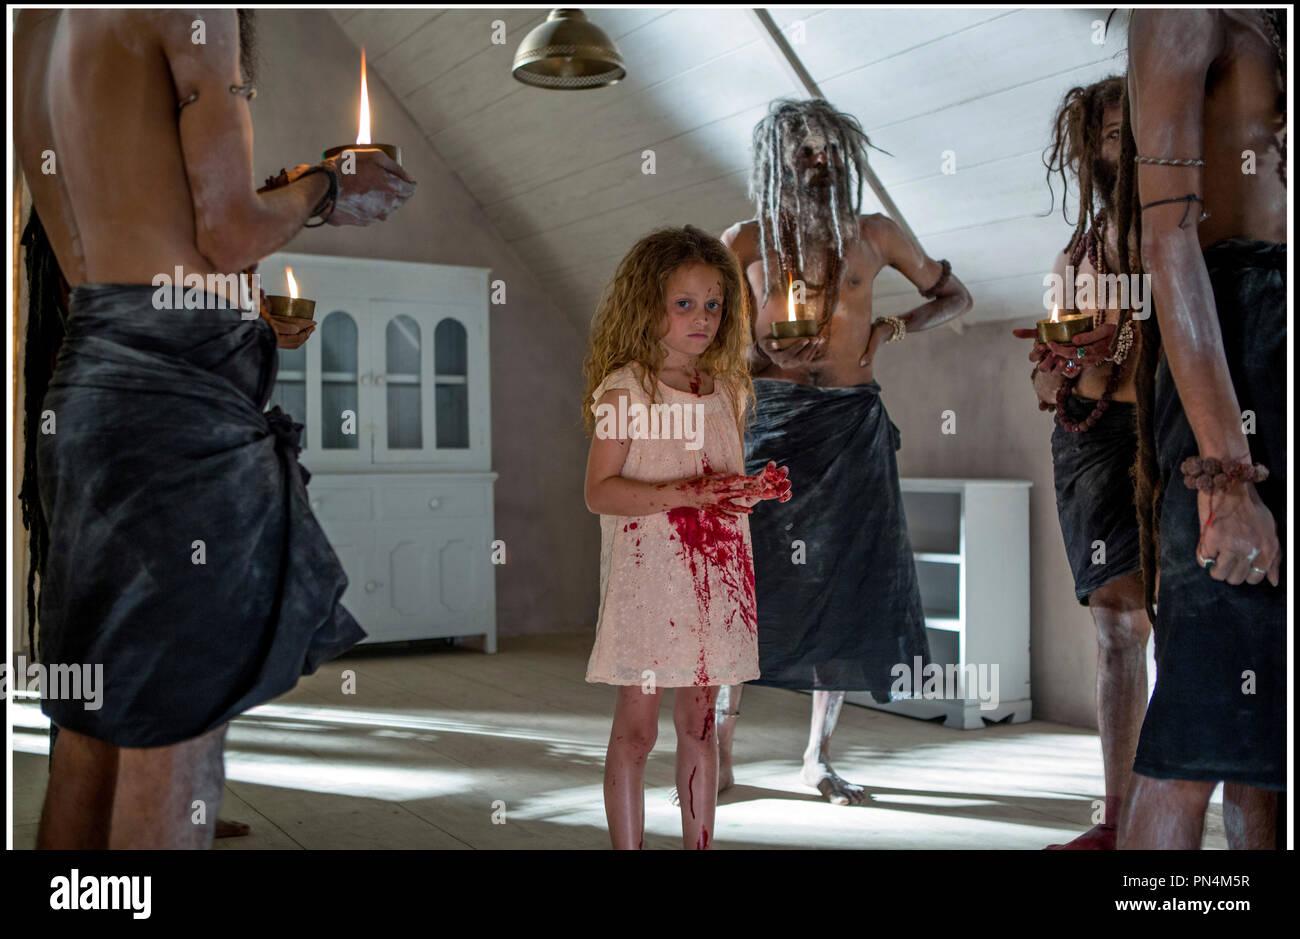 Vandana Gupte,Keerti Gaekwad Kelkar 2002 Hot image Jan Chappell,Paula Arundell